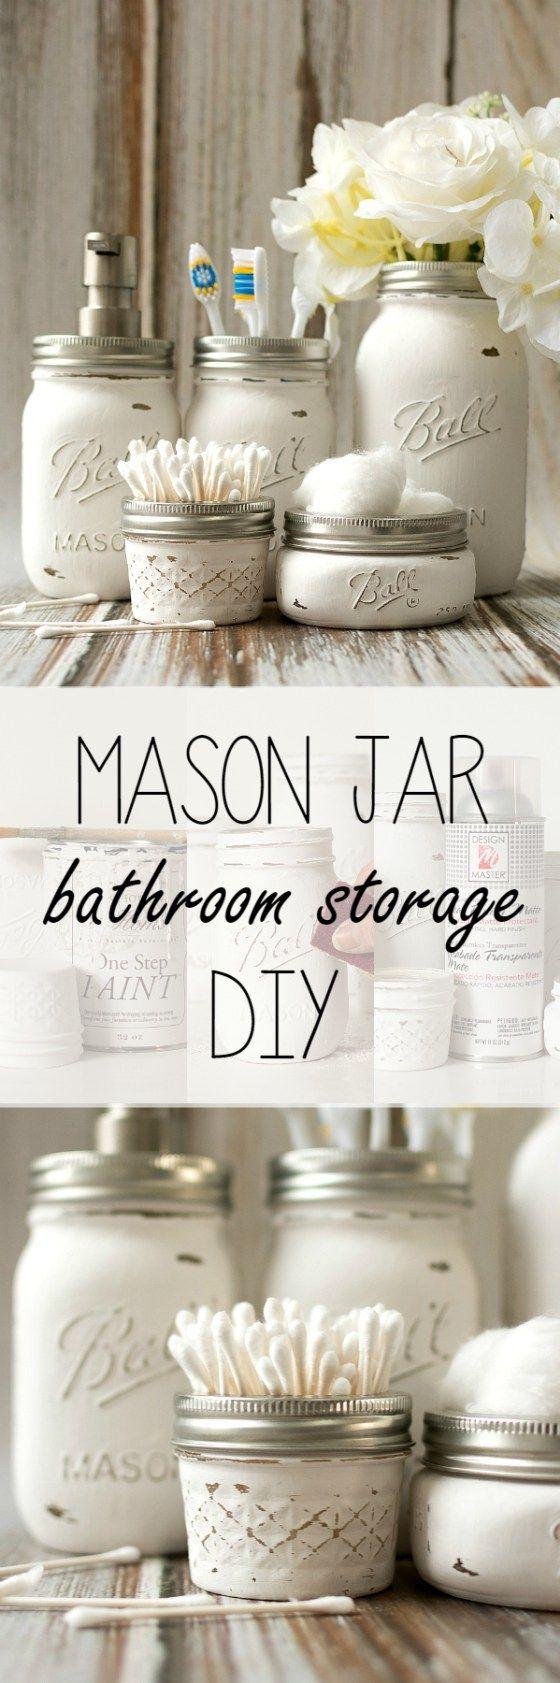 DIY Bathroom Organizer Ideas - Do it Yourself Pretty Distressed Mason Jar Bathroom Organizers Craft Project Tutorial via Mason Jar Crafts Love